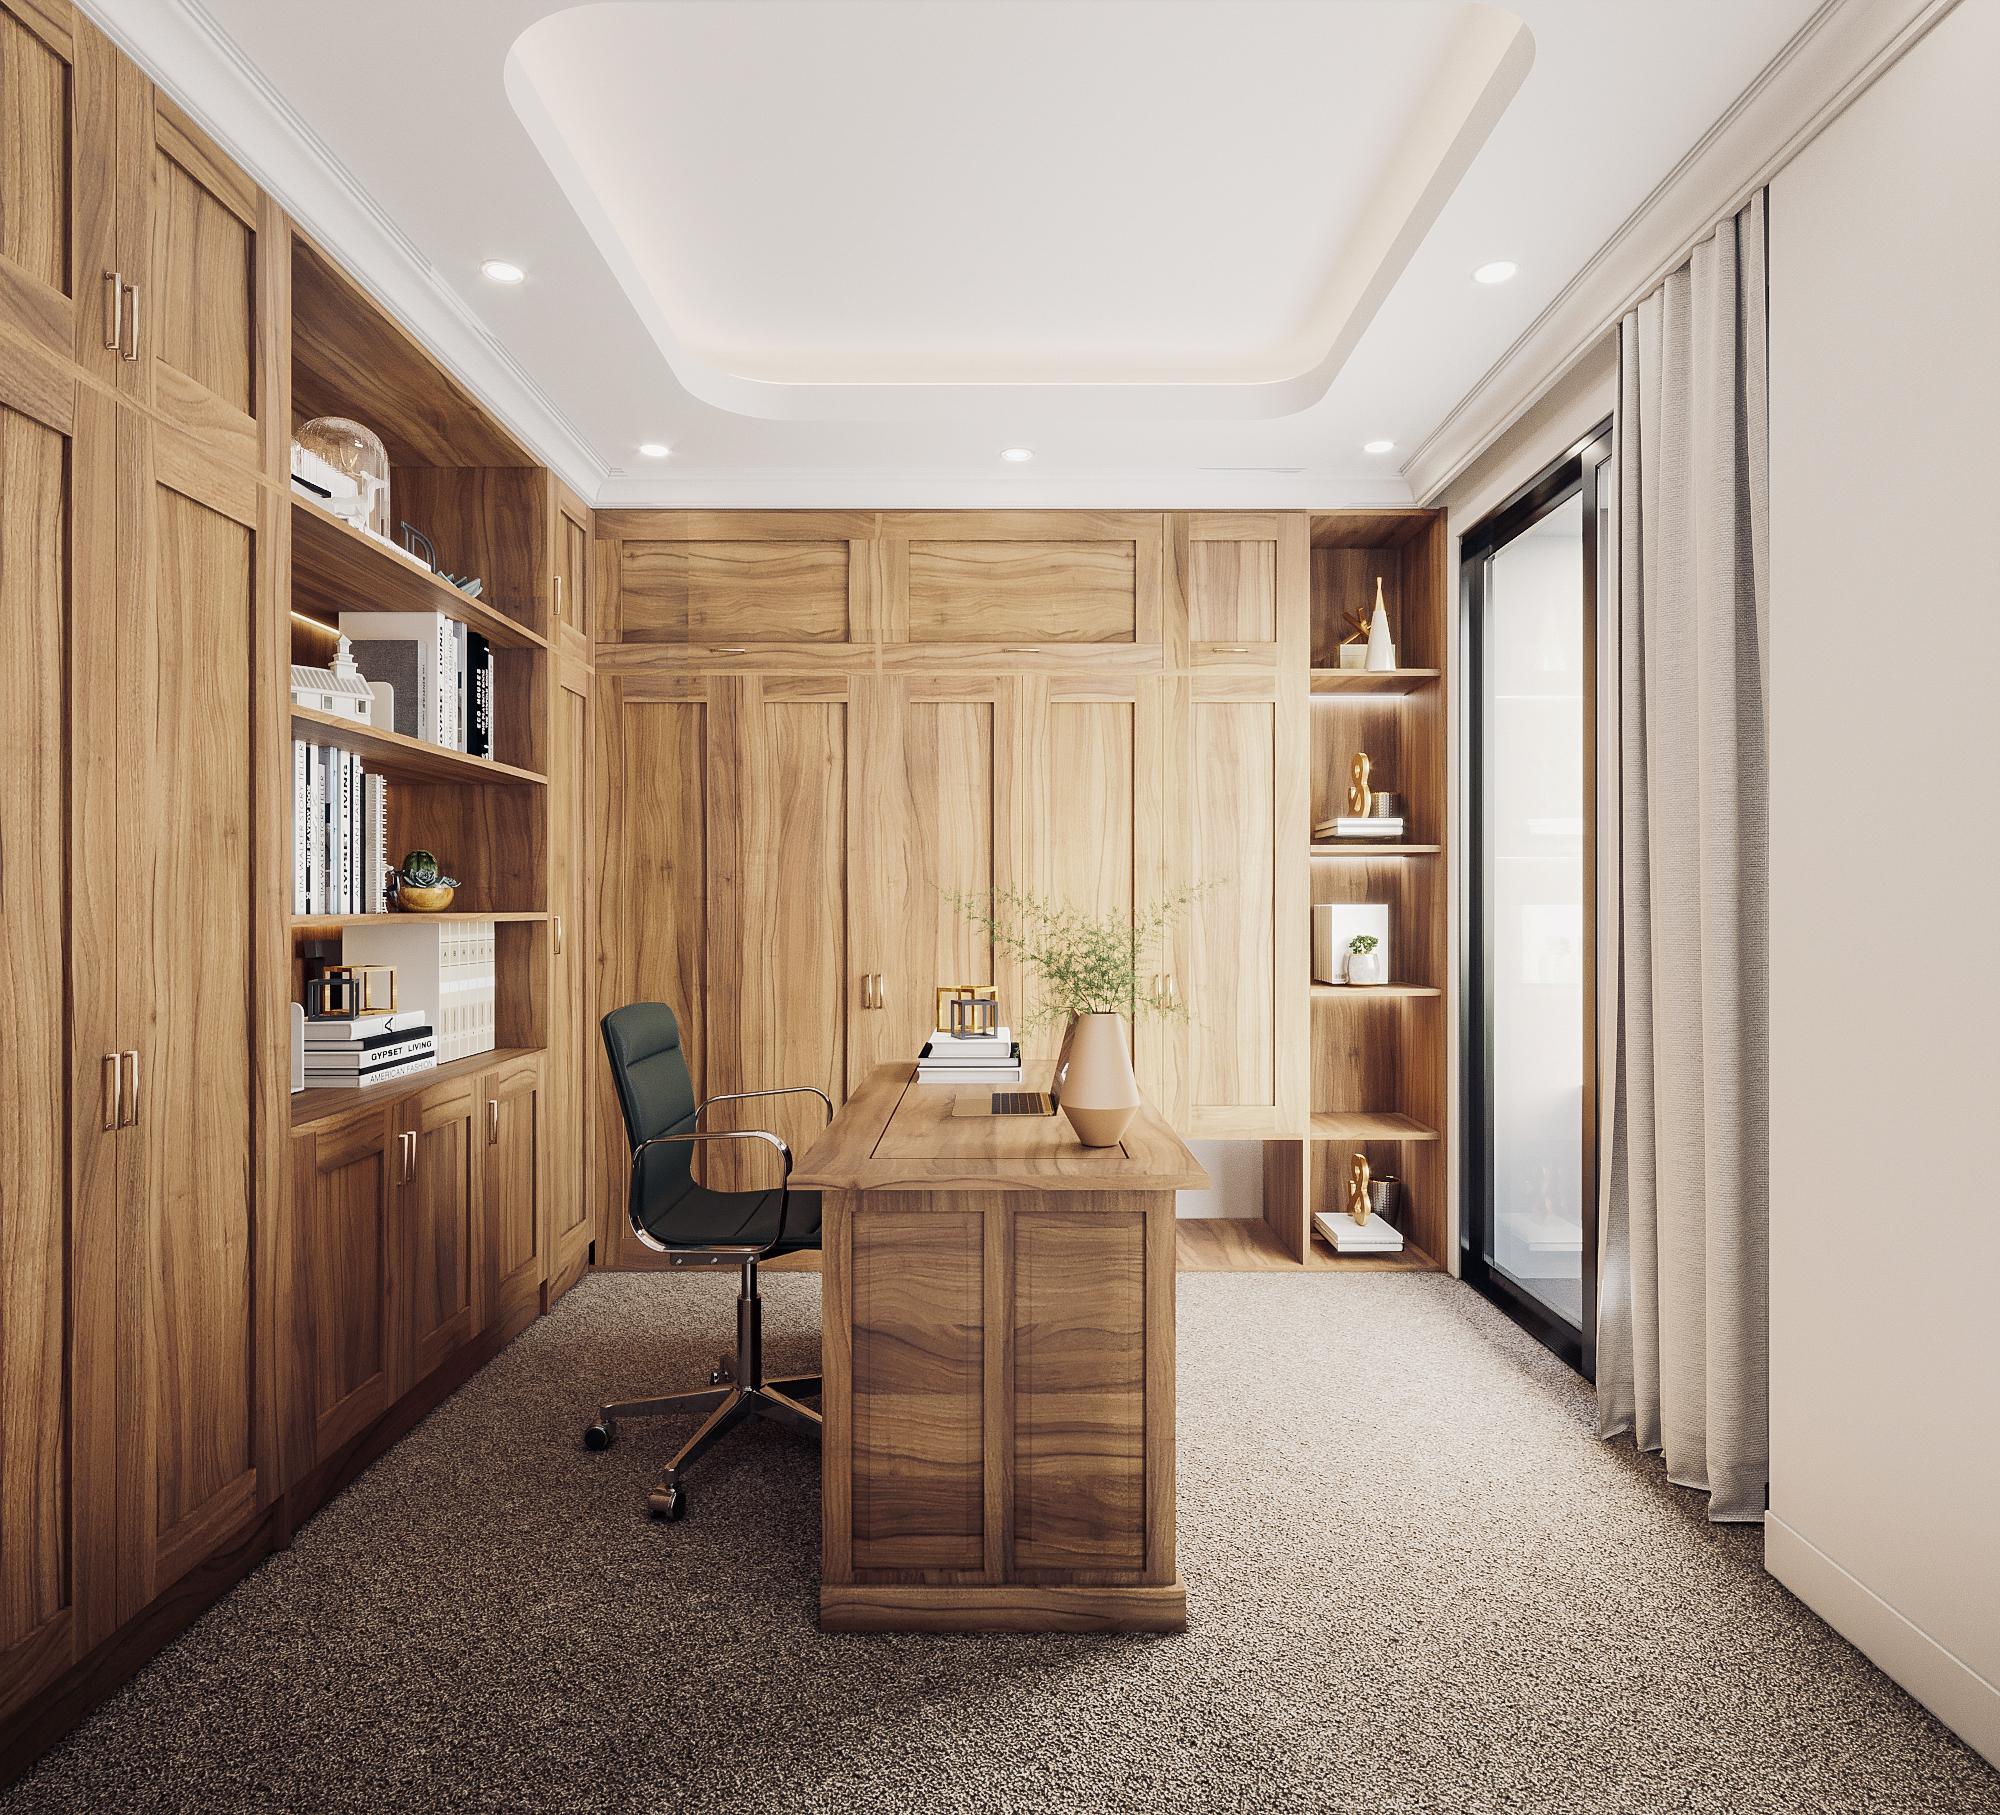 thiết kế nội thất chung cư tại Đà Nẵng Phòng ngủ master 5 1555242085